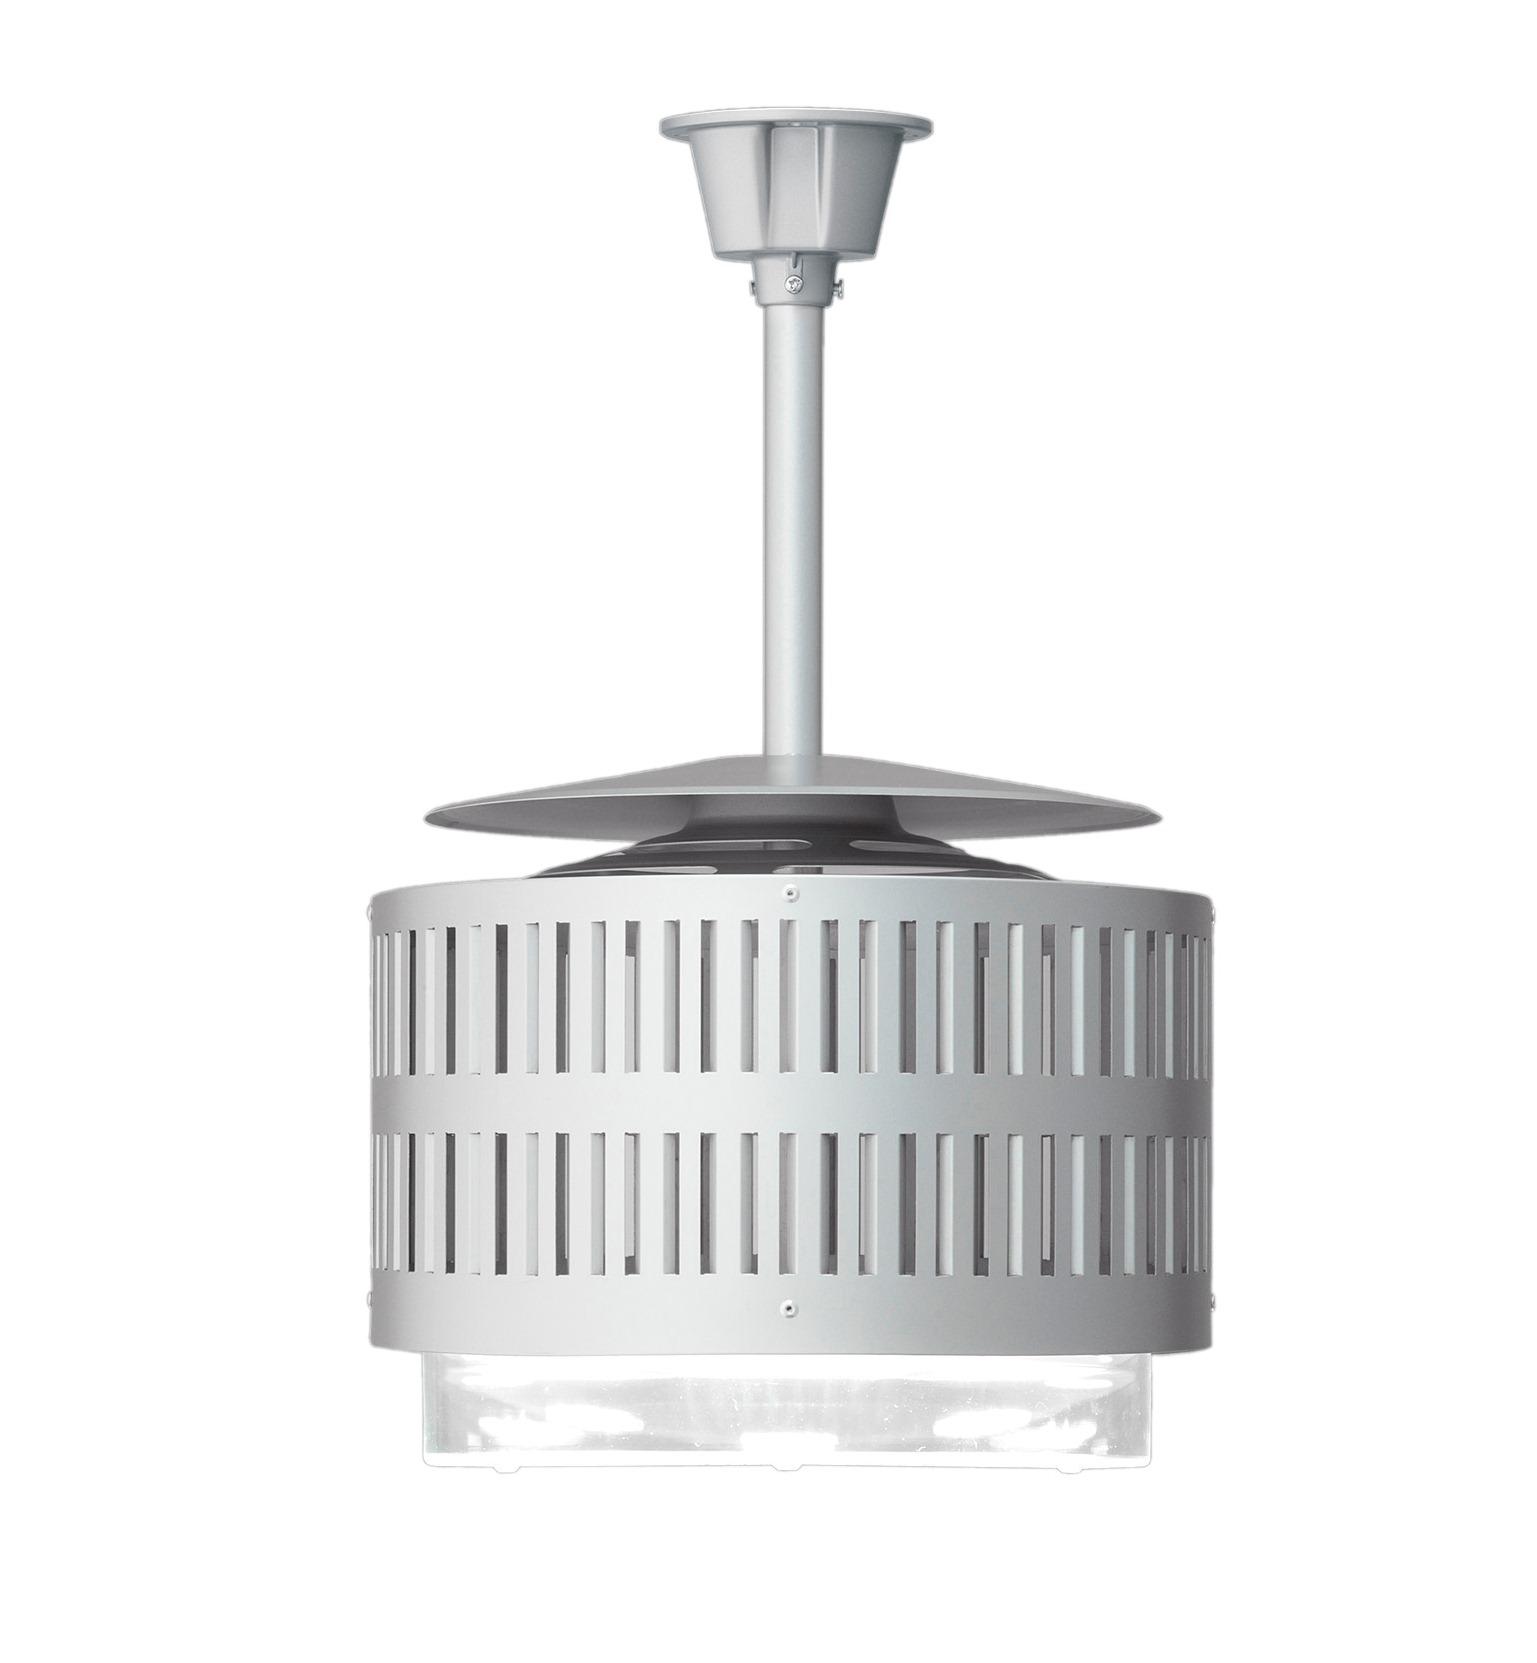 パナソニック LED高天井用照明器具【電源別置型】